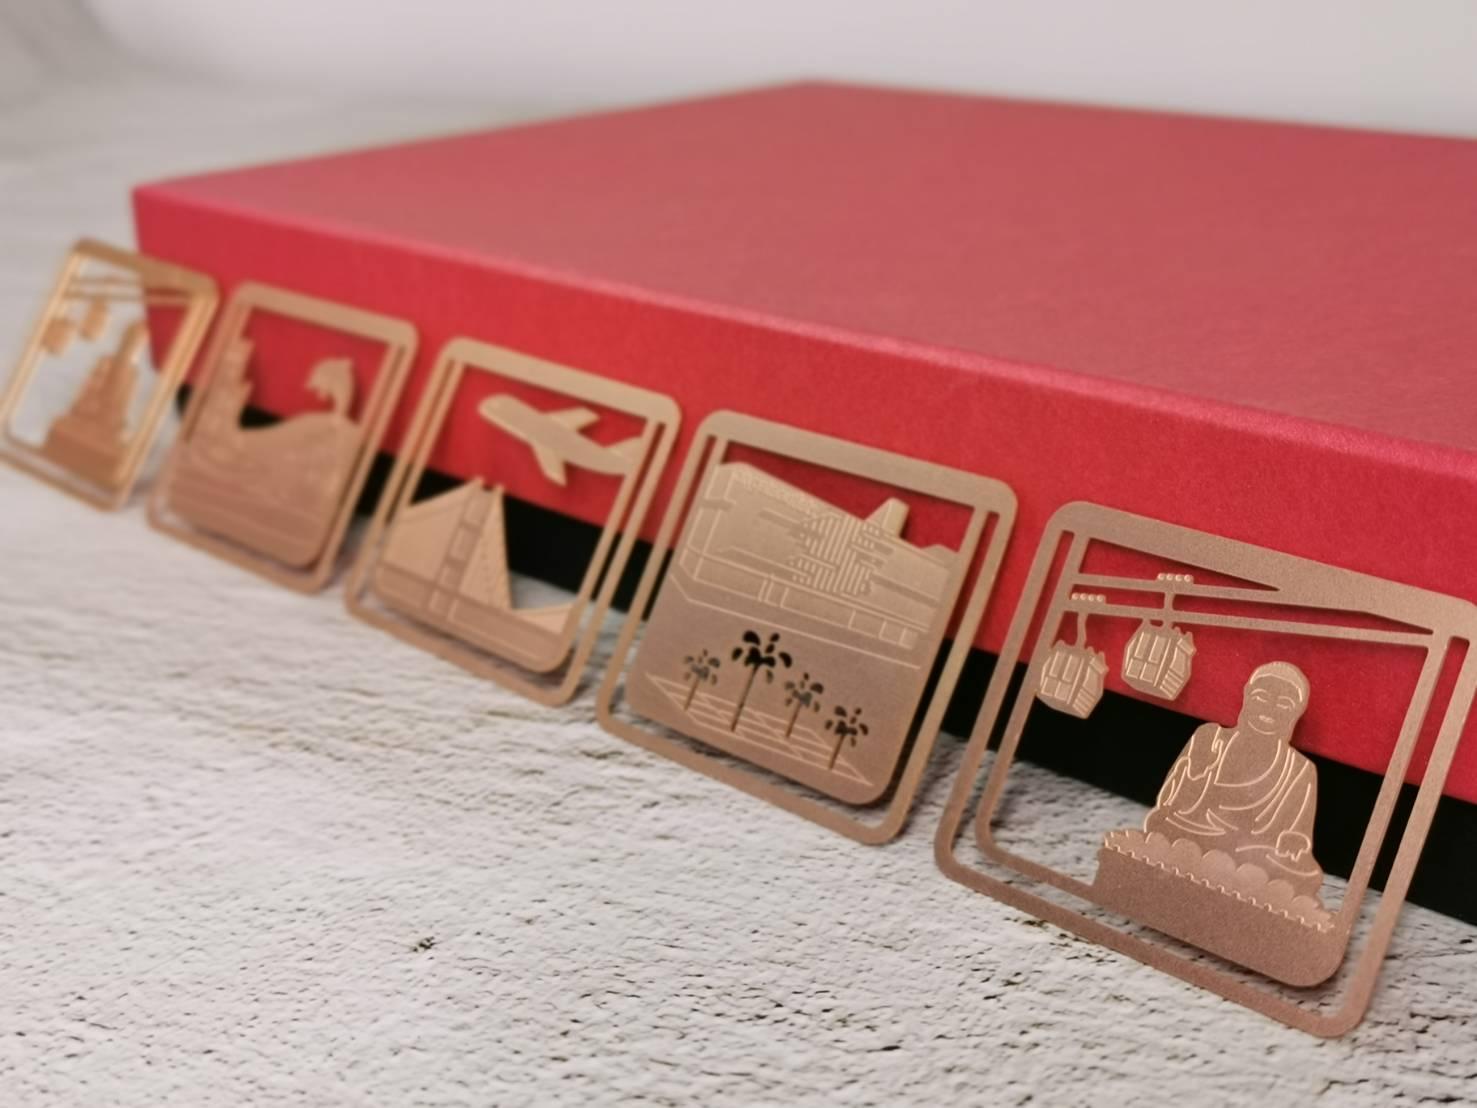 金屬書籤,金屬書籤價格,金屬書籤推薦,金屬銘牌,書籤,高級書籤,不鏽鋼書籤,電鍍書籤,玫瑰金書籤,烤漆書籤,書籤製作,書籤設計,黃金書籤,24k書籤,畢業書籤,禮品,贈品,企業禮品,旅遊紀念品,股東會紀念品,簍空書籤,鏡面書籤,雙色書籤,銘版,造型書籤